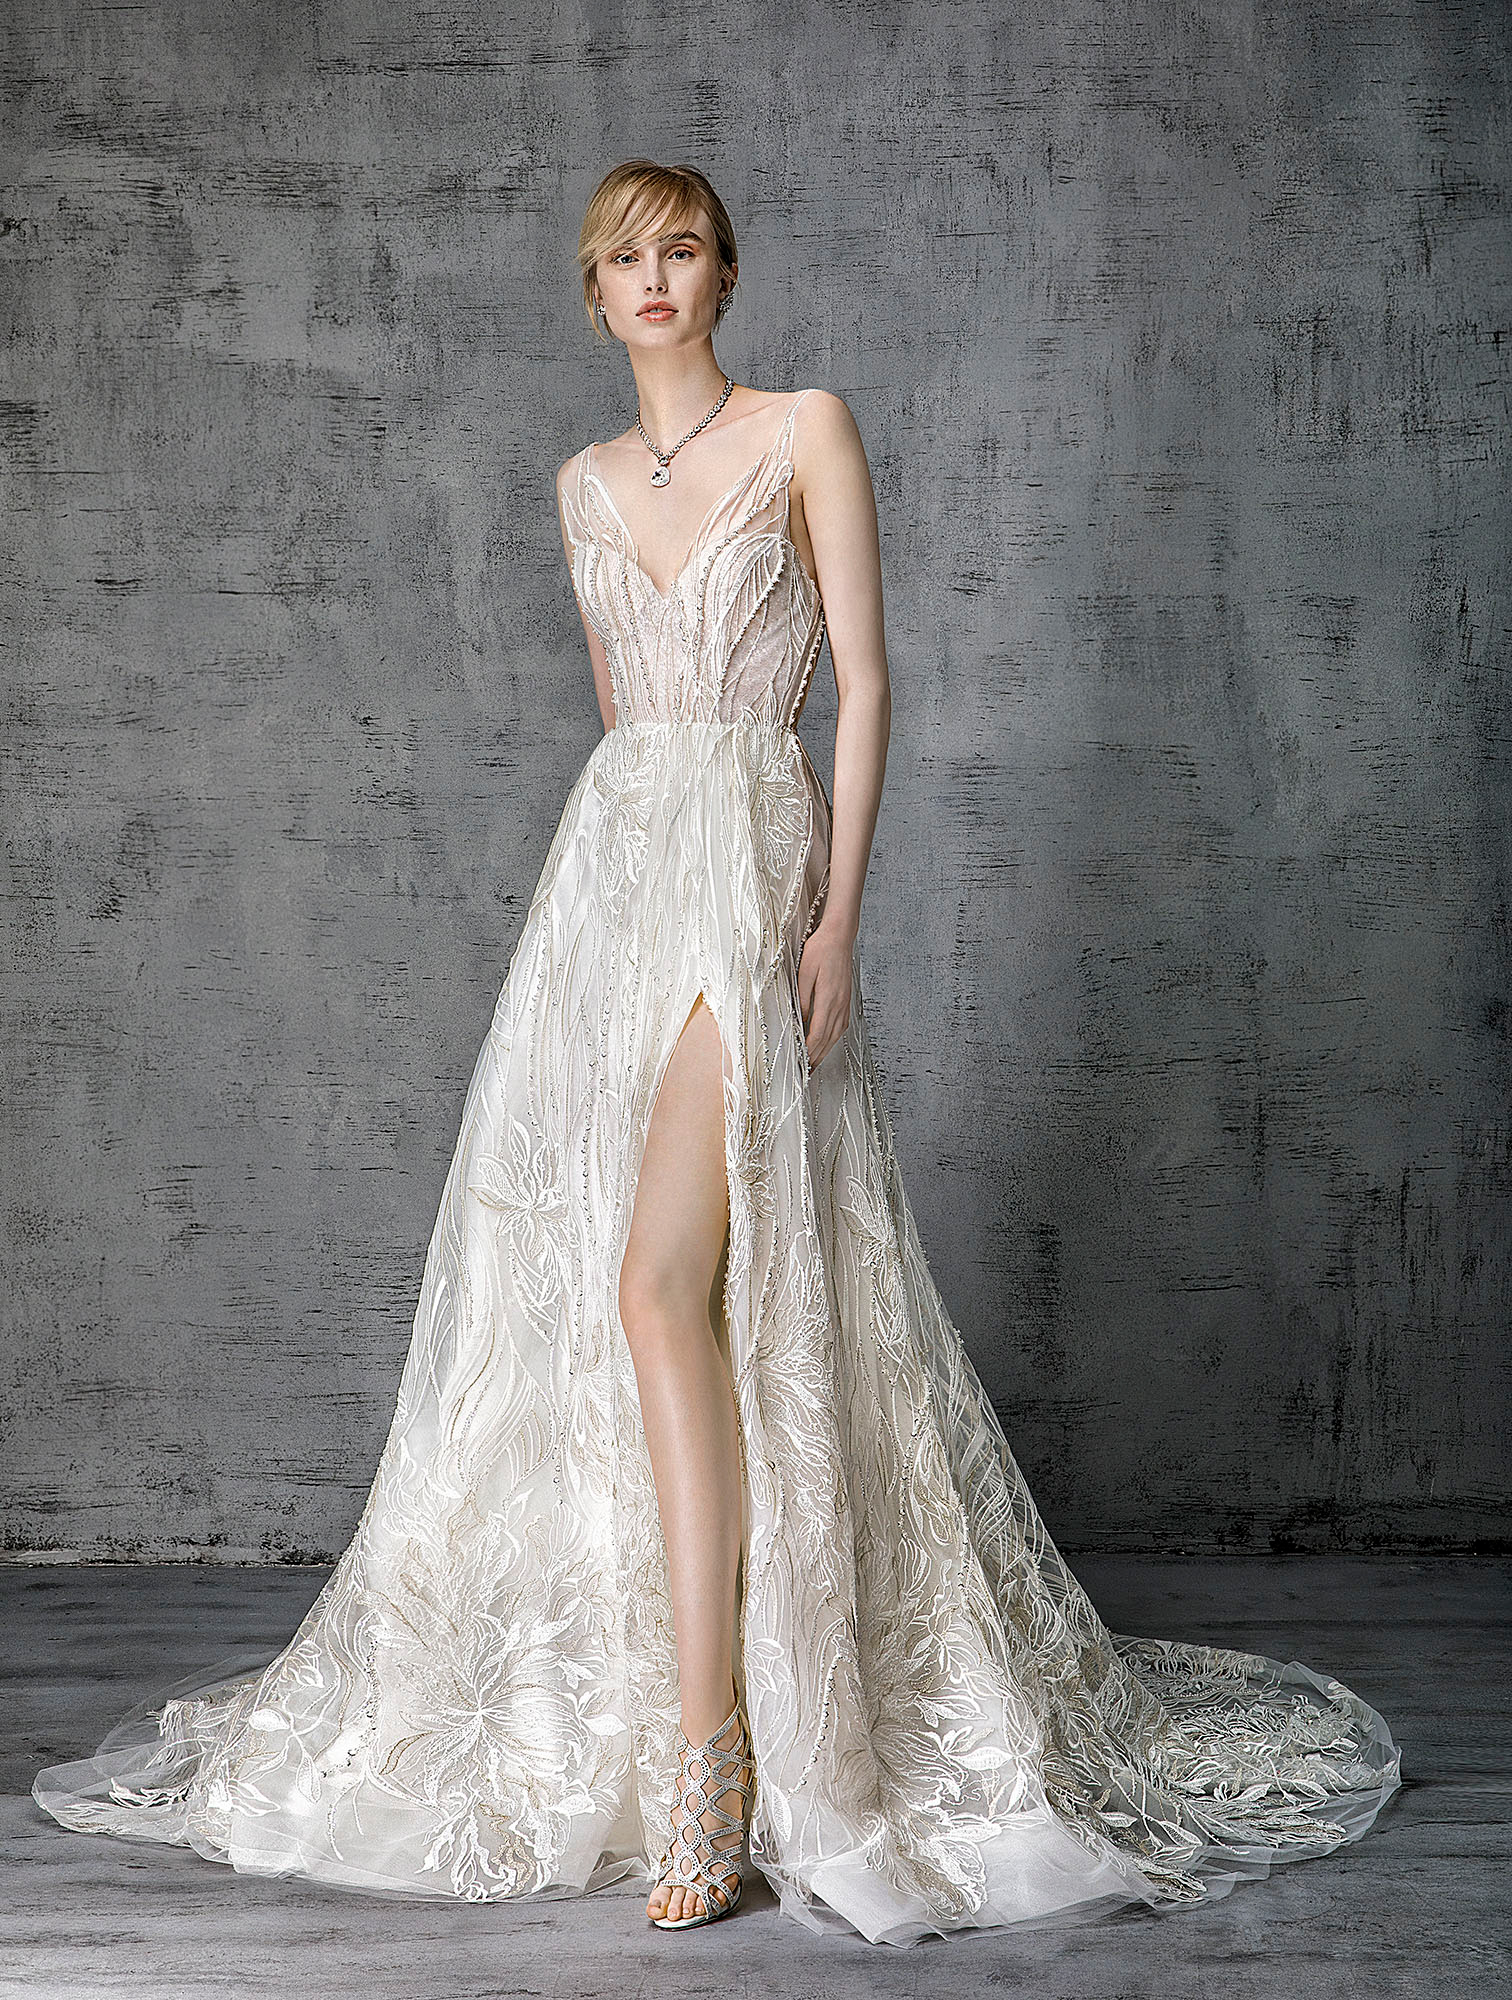 victoria kyriakides wedding dress spring 2019 v-neck embroidered high slit